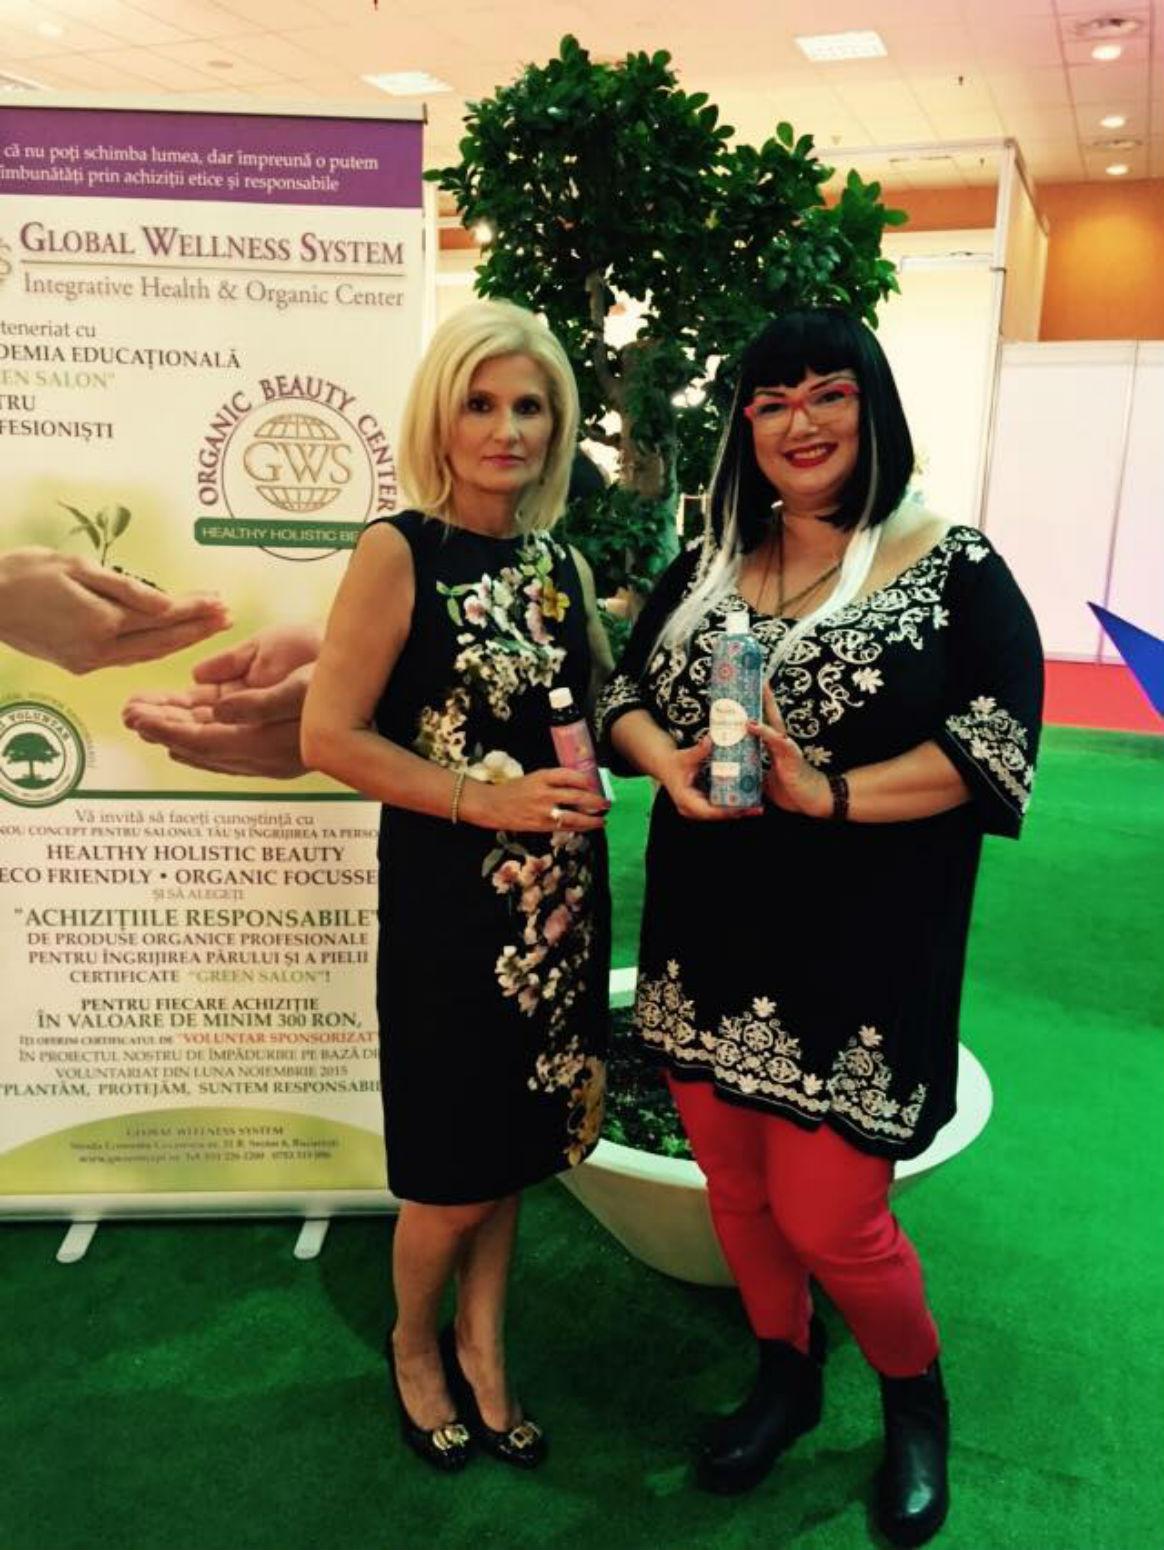 Ozana Barabancea - Mândră de proiectul ei cu Global Wellness System